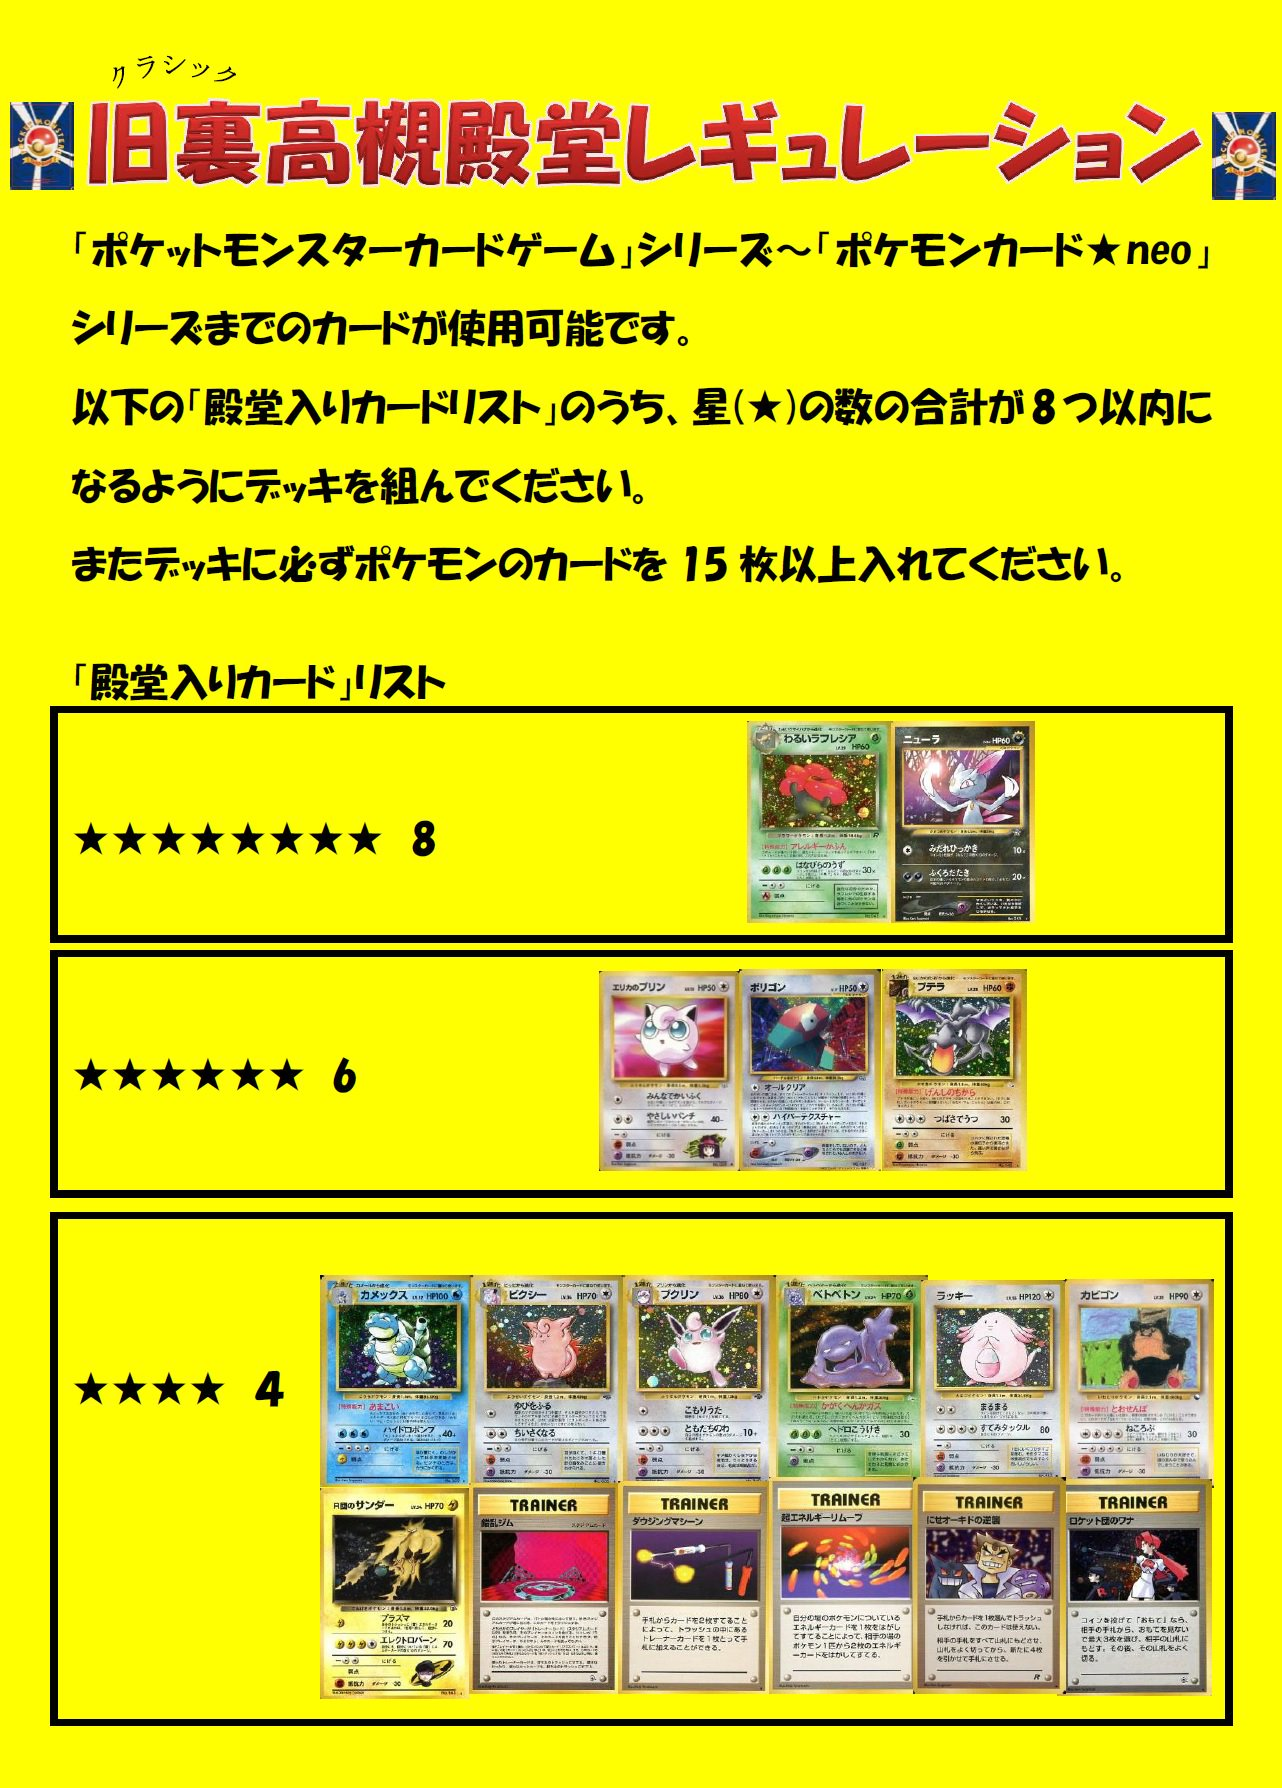 7XgOMuI5.jpg